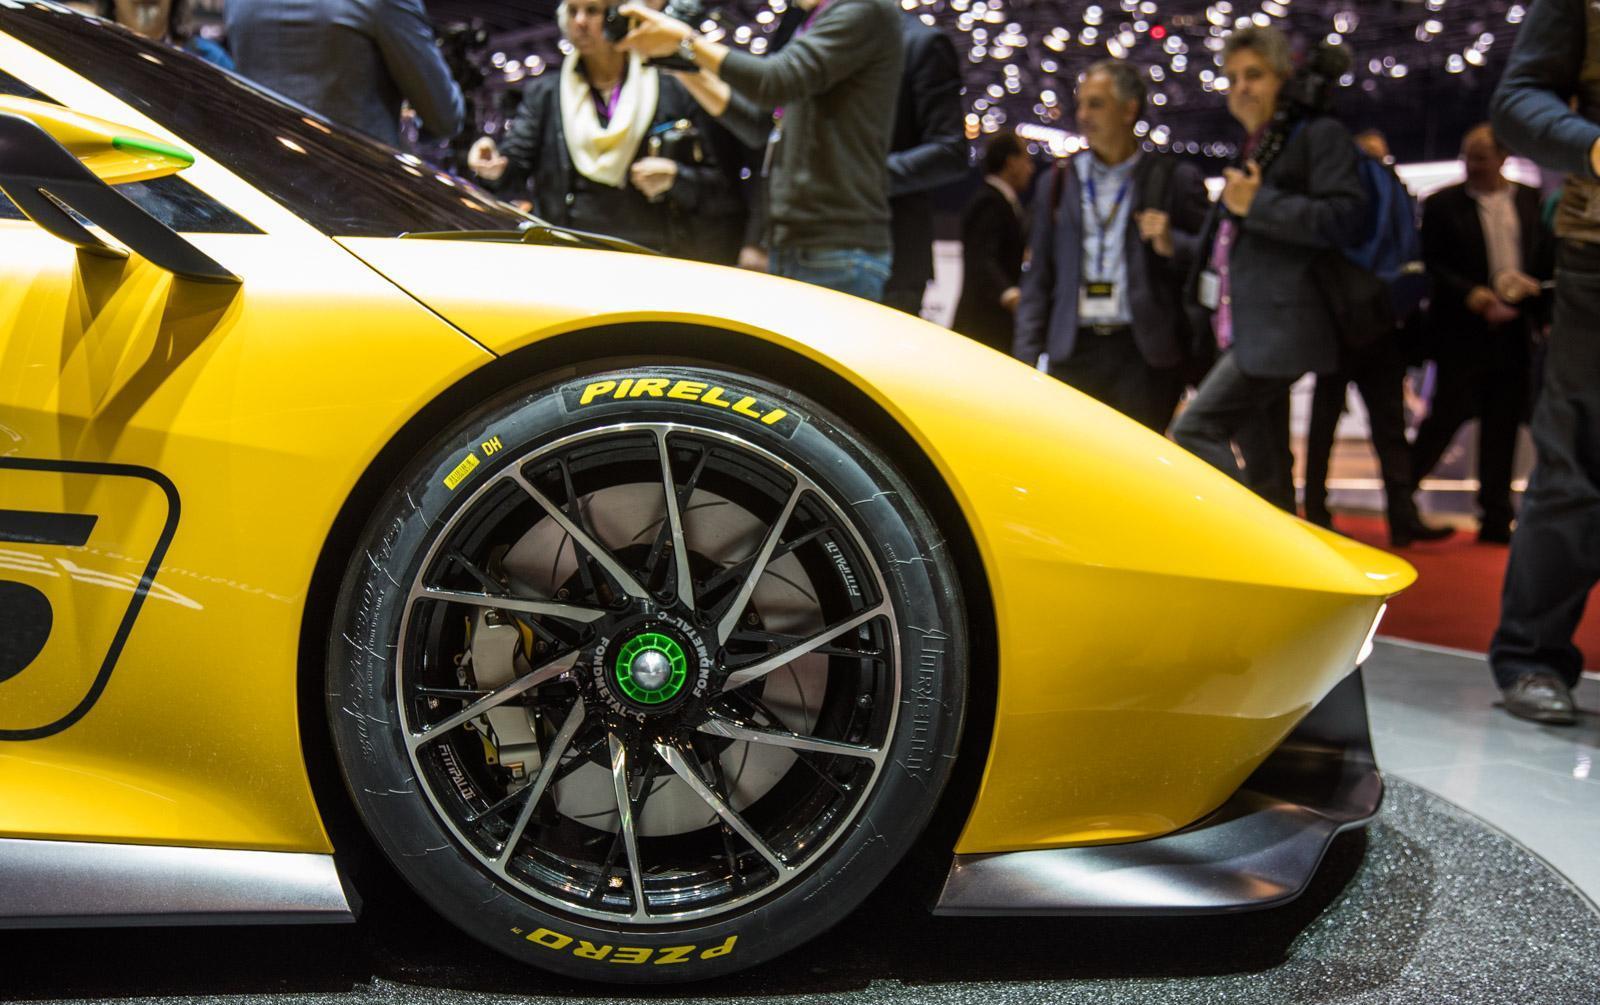 Fittipaldi EF7 Vision Gran Turismo in Geneva 2017 (19)